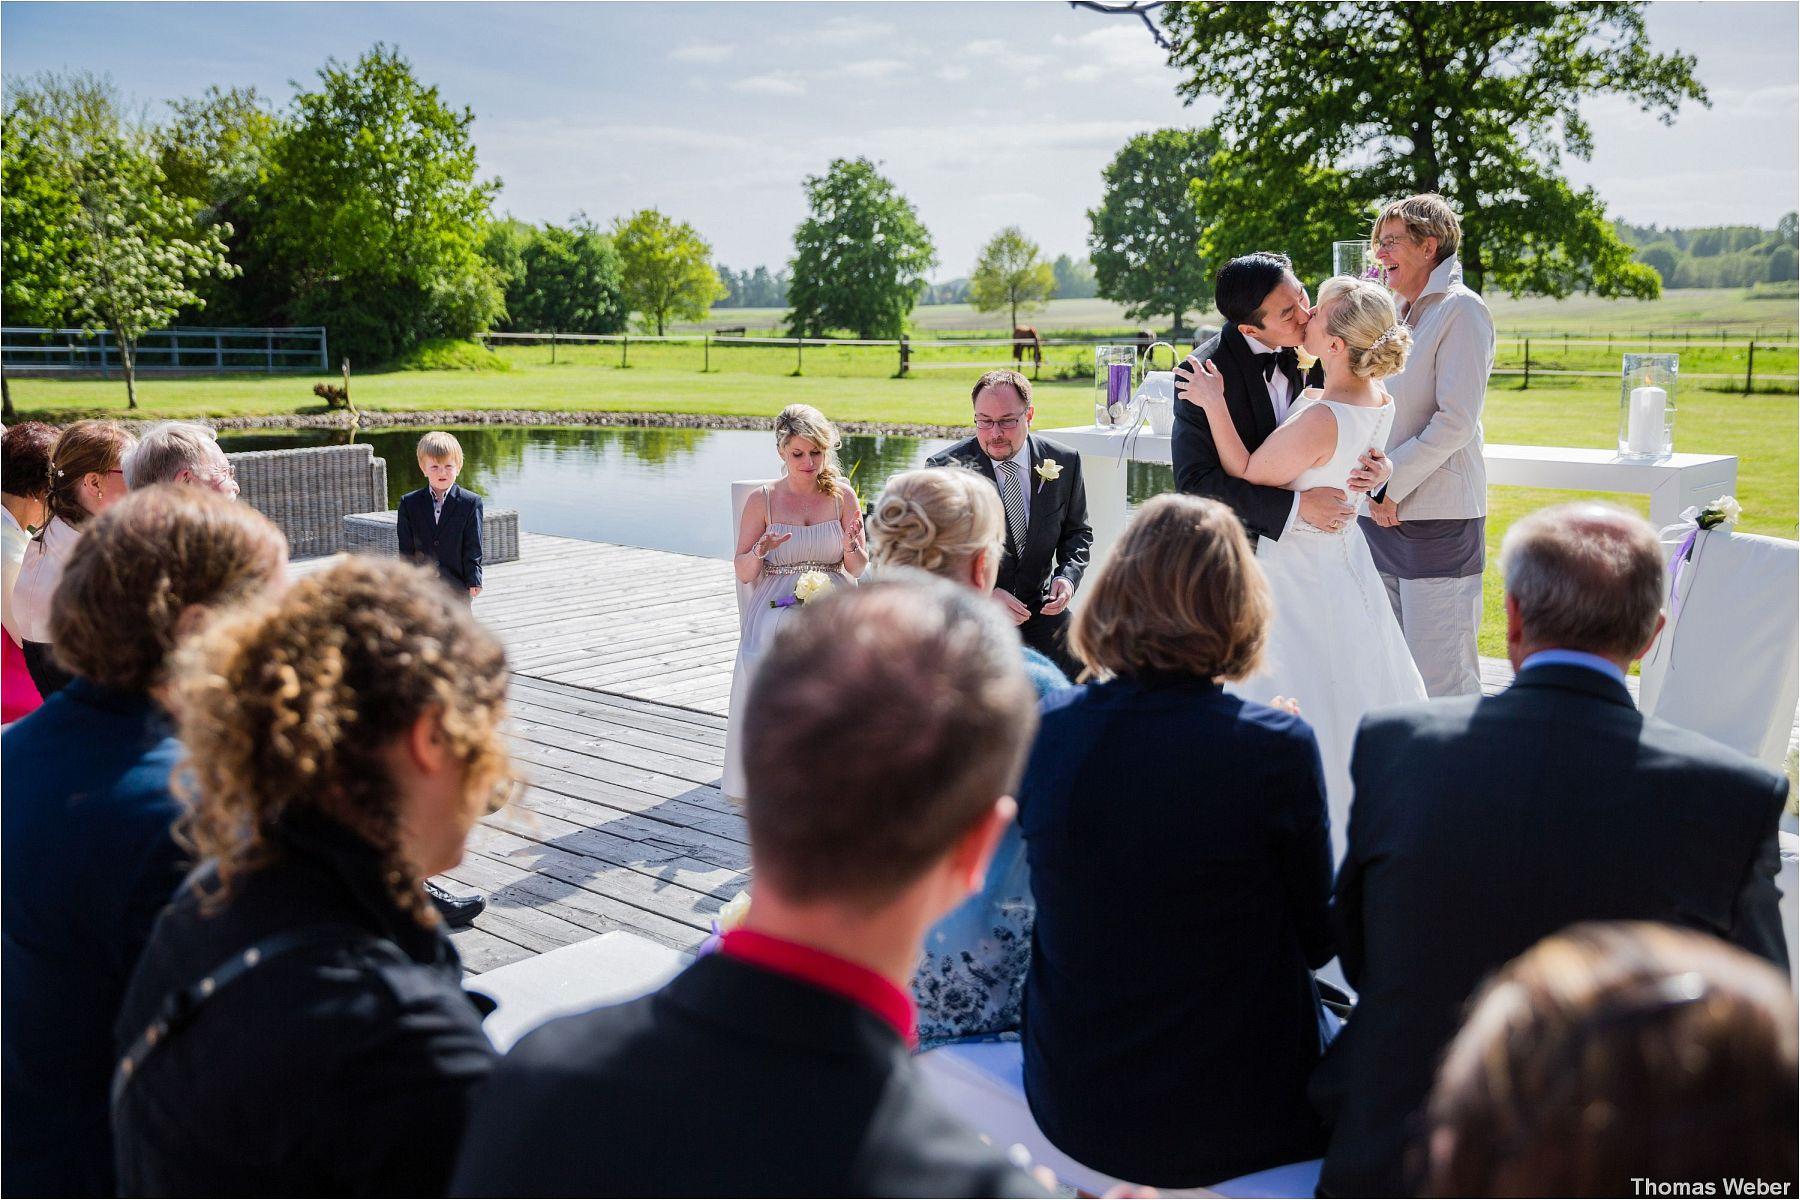 Hochzeit im Standesamt am Pferdemarkt in Oldenburg und freie Trauung in der Eventscheune St. Georg Rastede, Hochzeitsfotograf Oldenburg, Thomas Weber